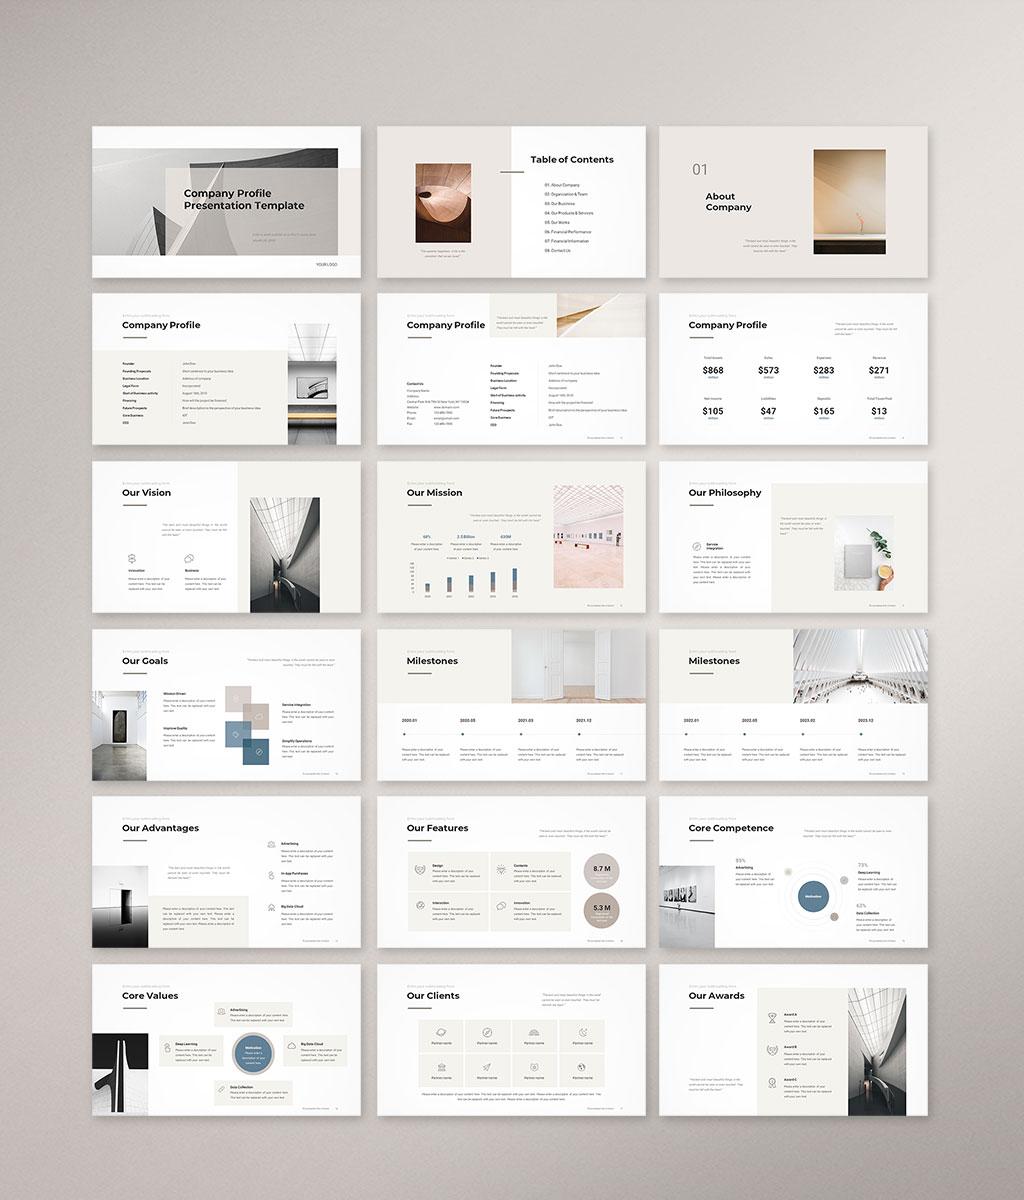 Company Profile Presentation Template Preview 001